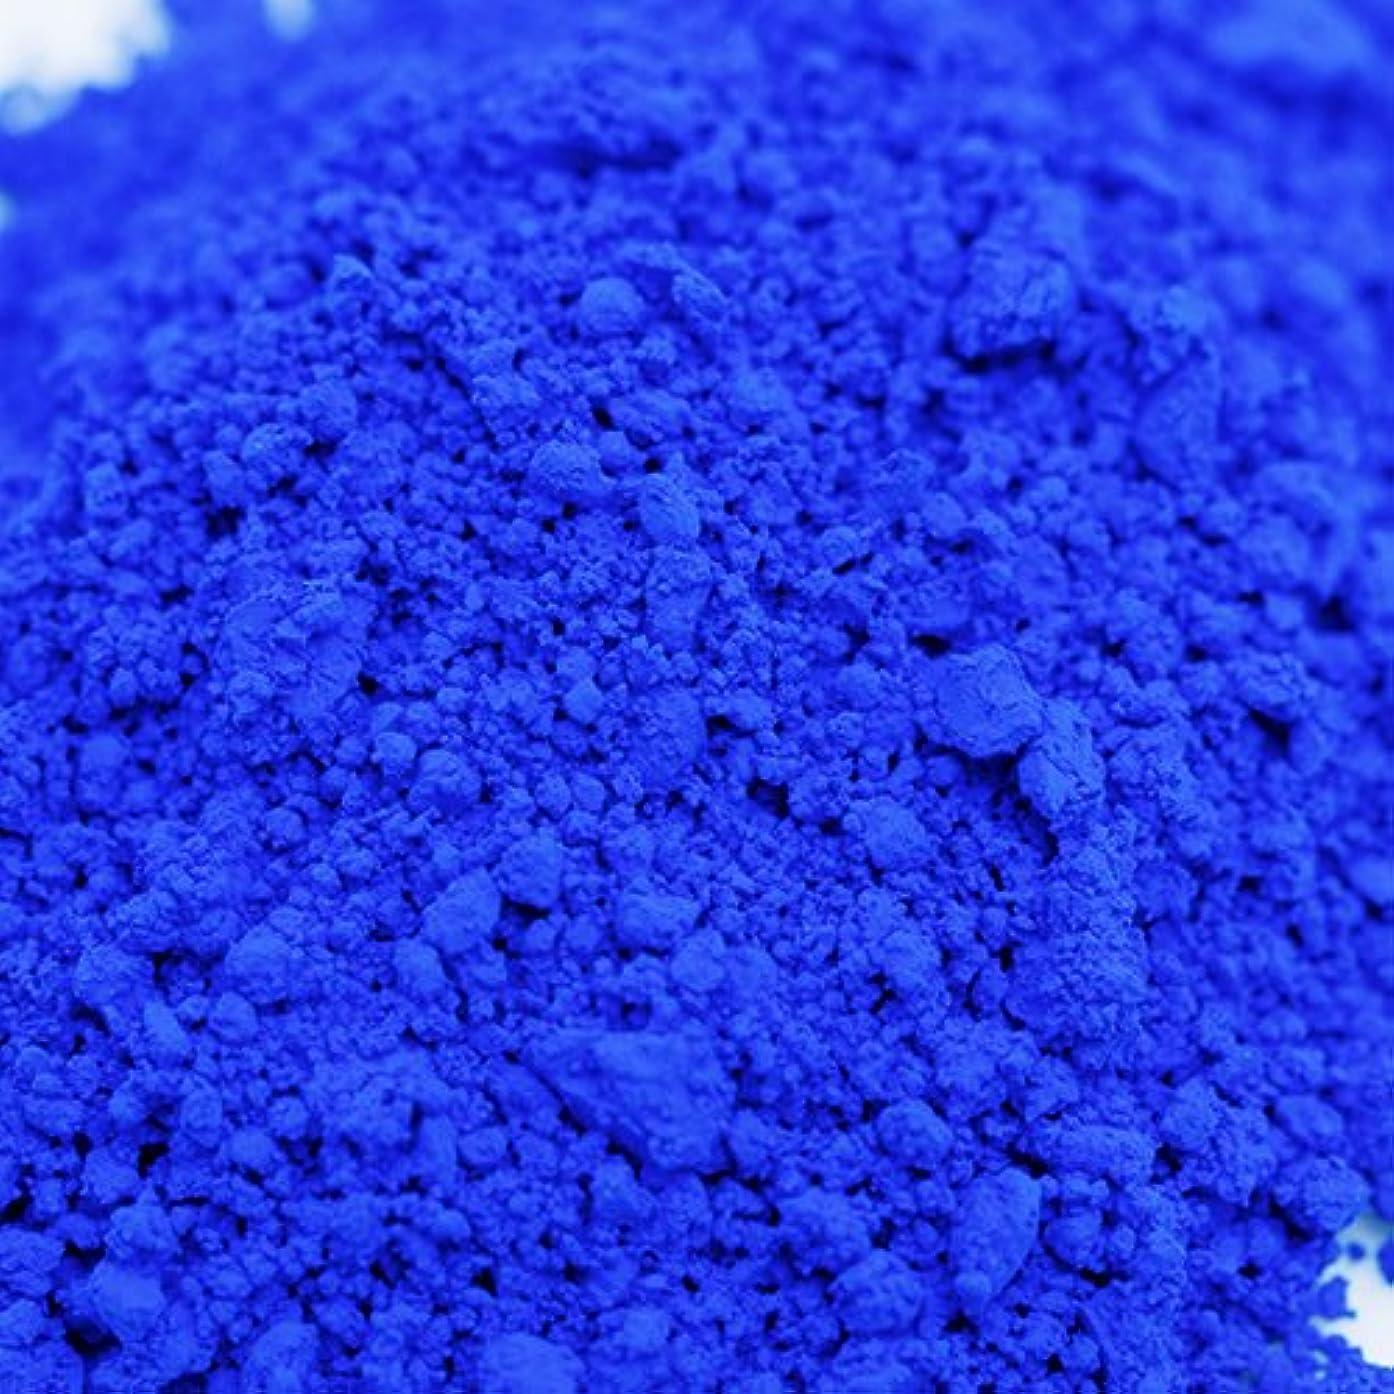 敬なミネラル自我ウルトラマリン ブルー 20g 【手作り石鹸/手作りコスメ/色付け/カラーラント/青】